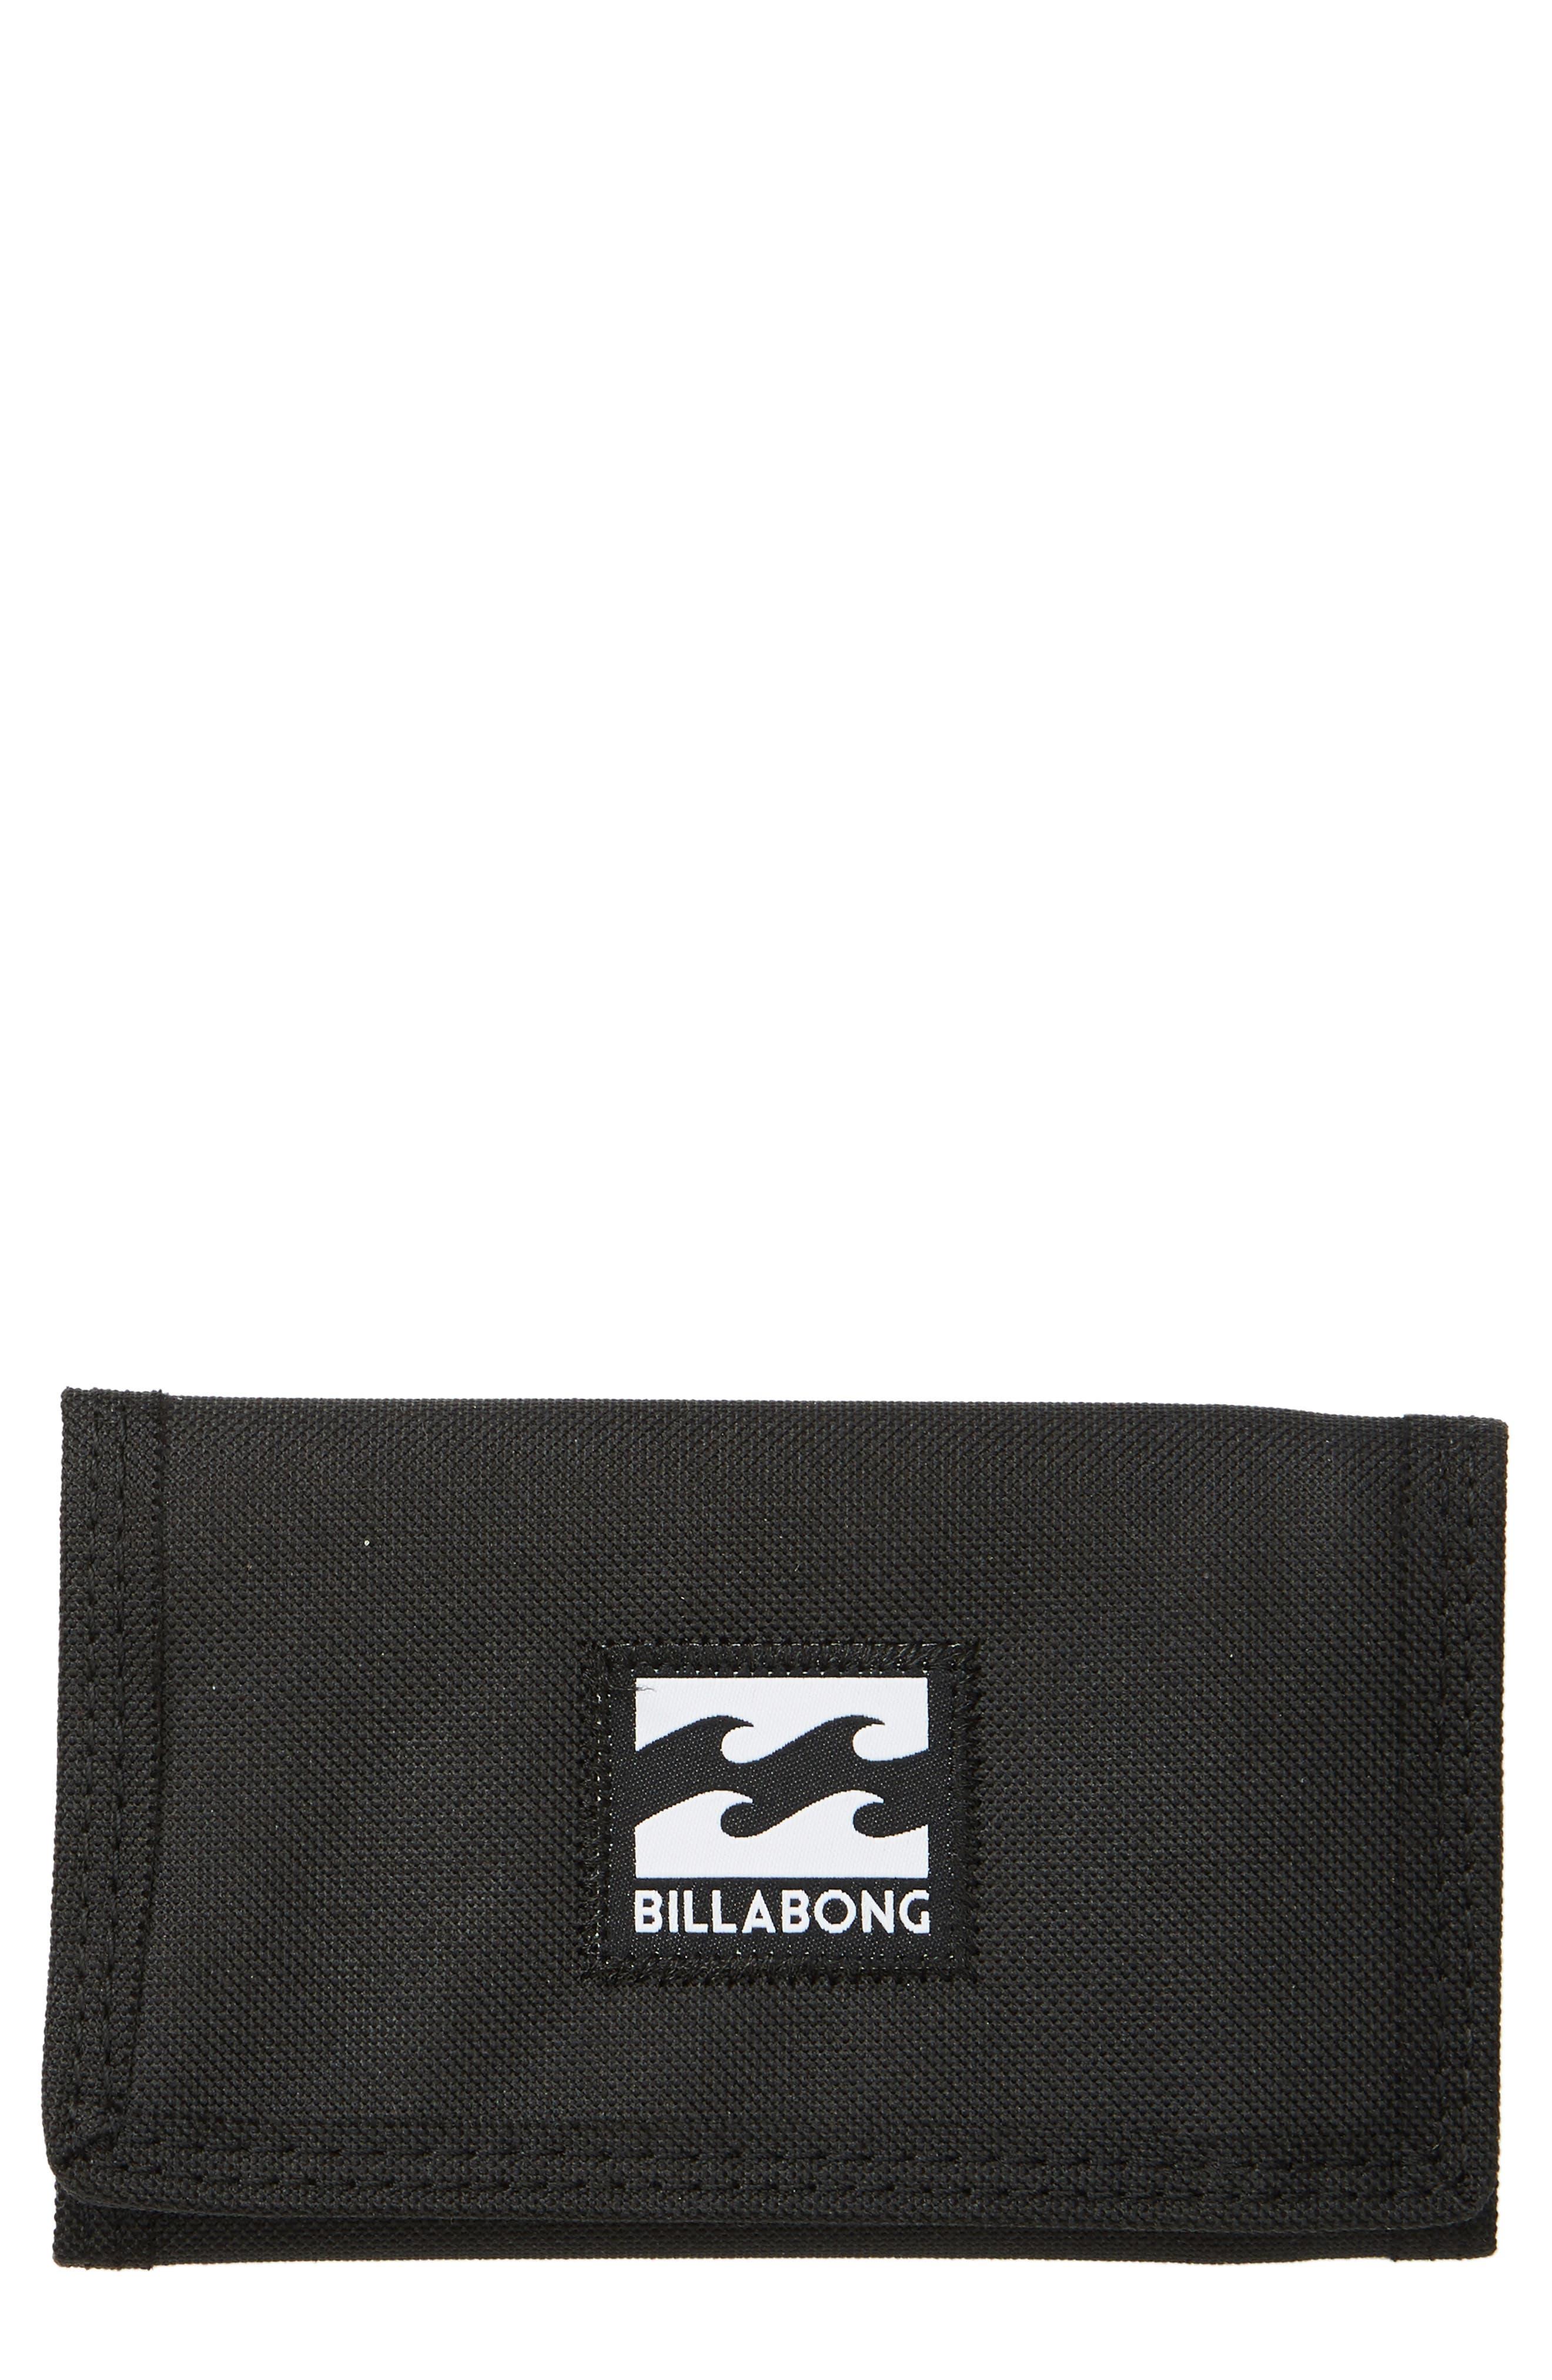 Atom Wallet,                             Main thumbnail 1, color,                             017